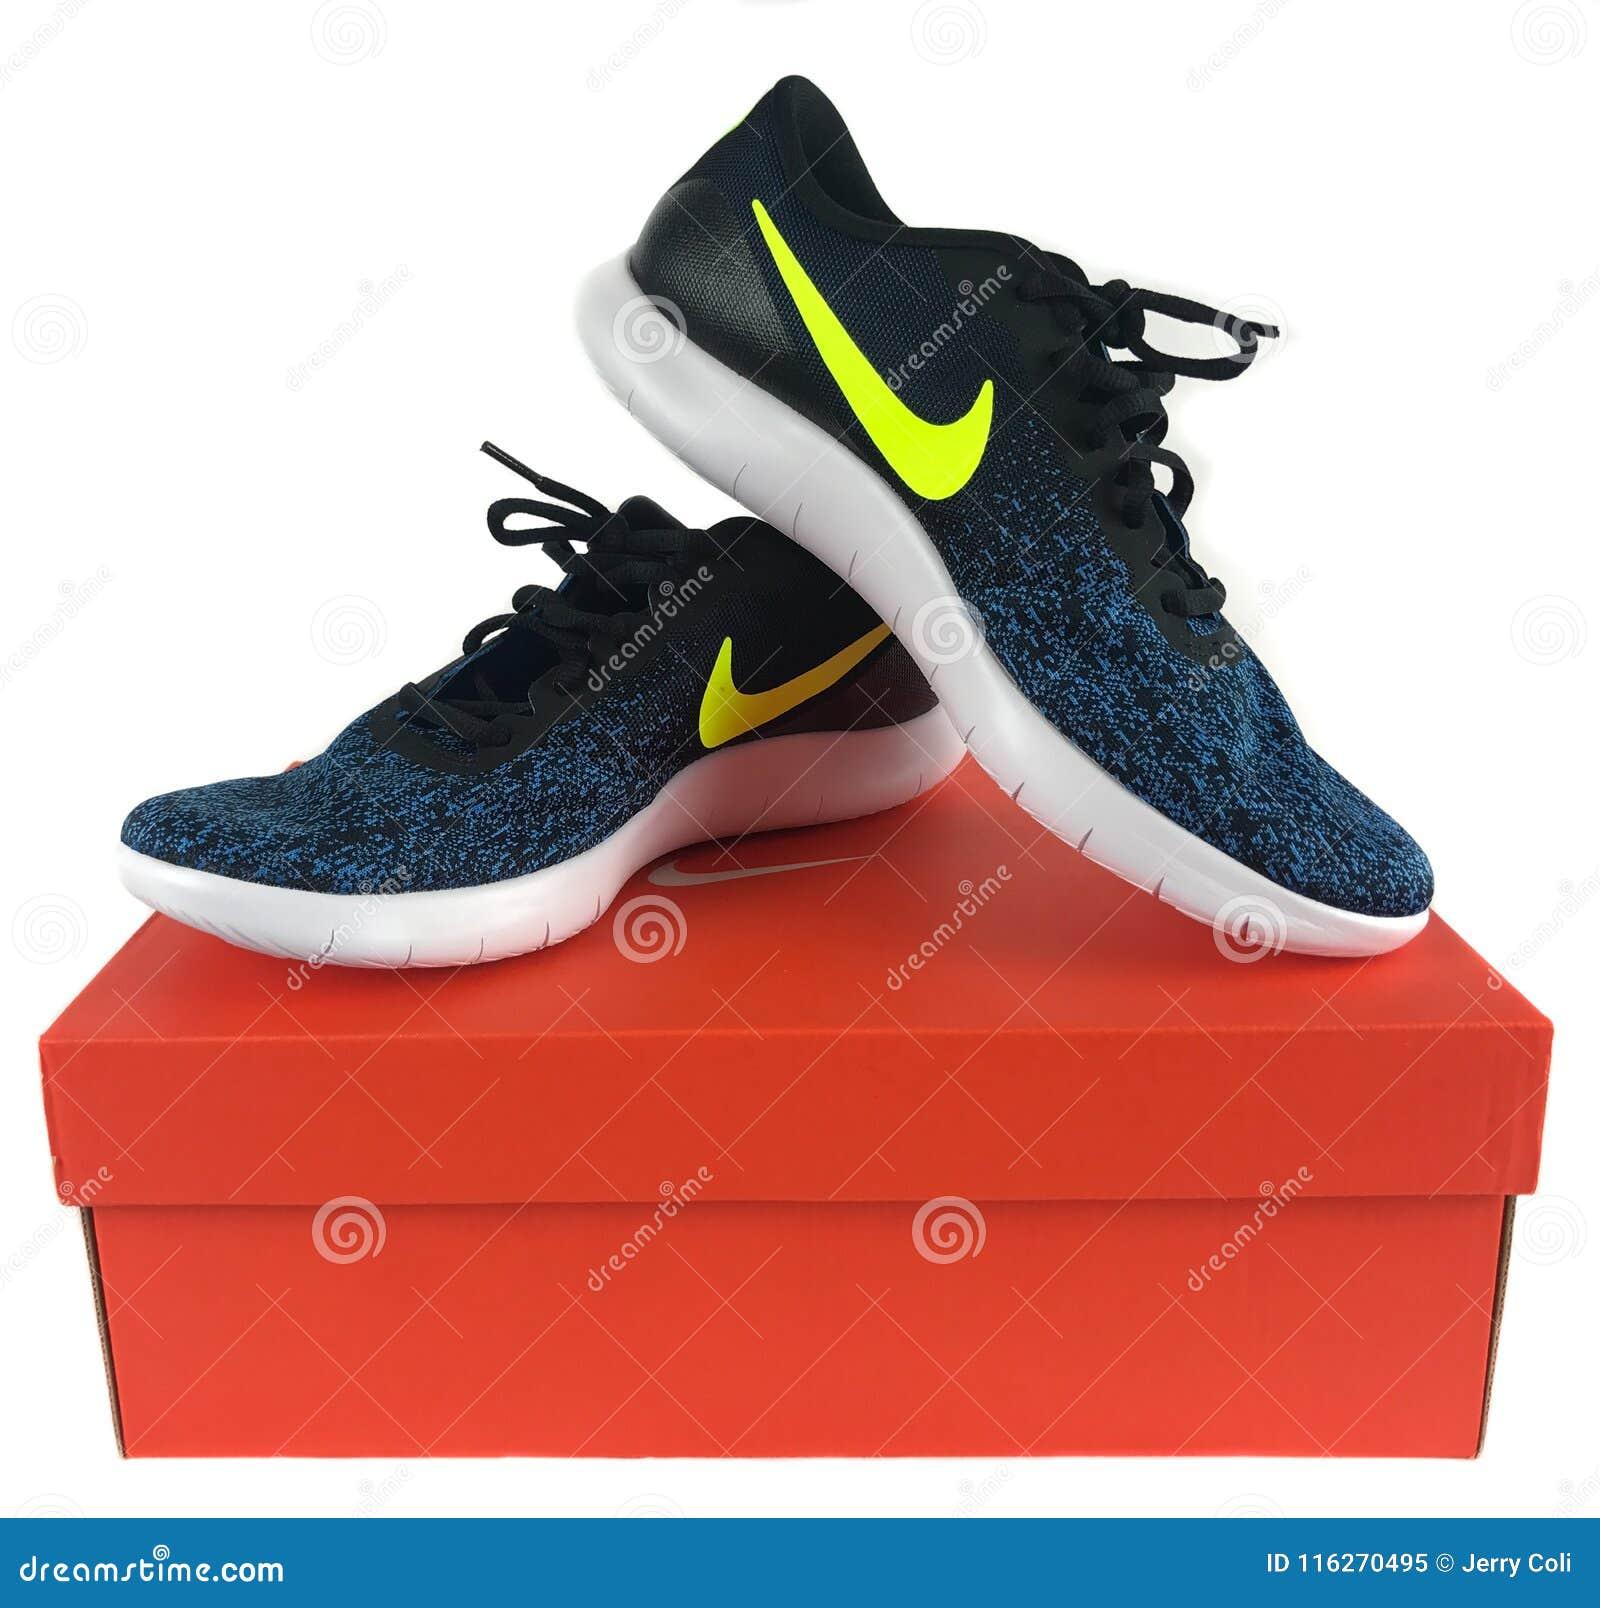 299127eefc6 nike-sneakers-voor-verkoop-bij-een-schoenopslag-116270495.jpg